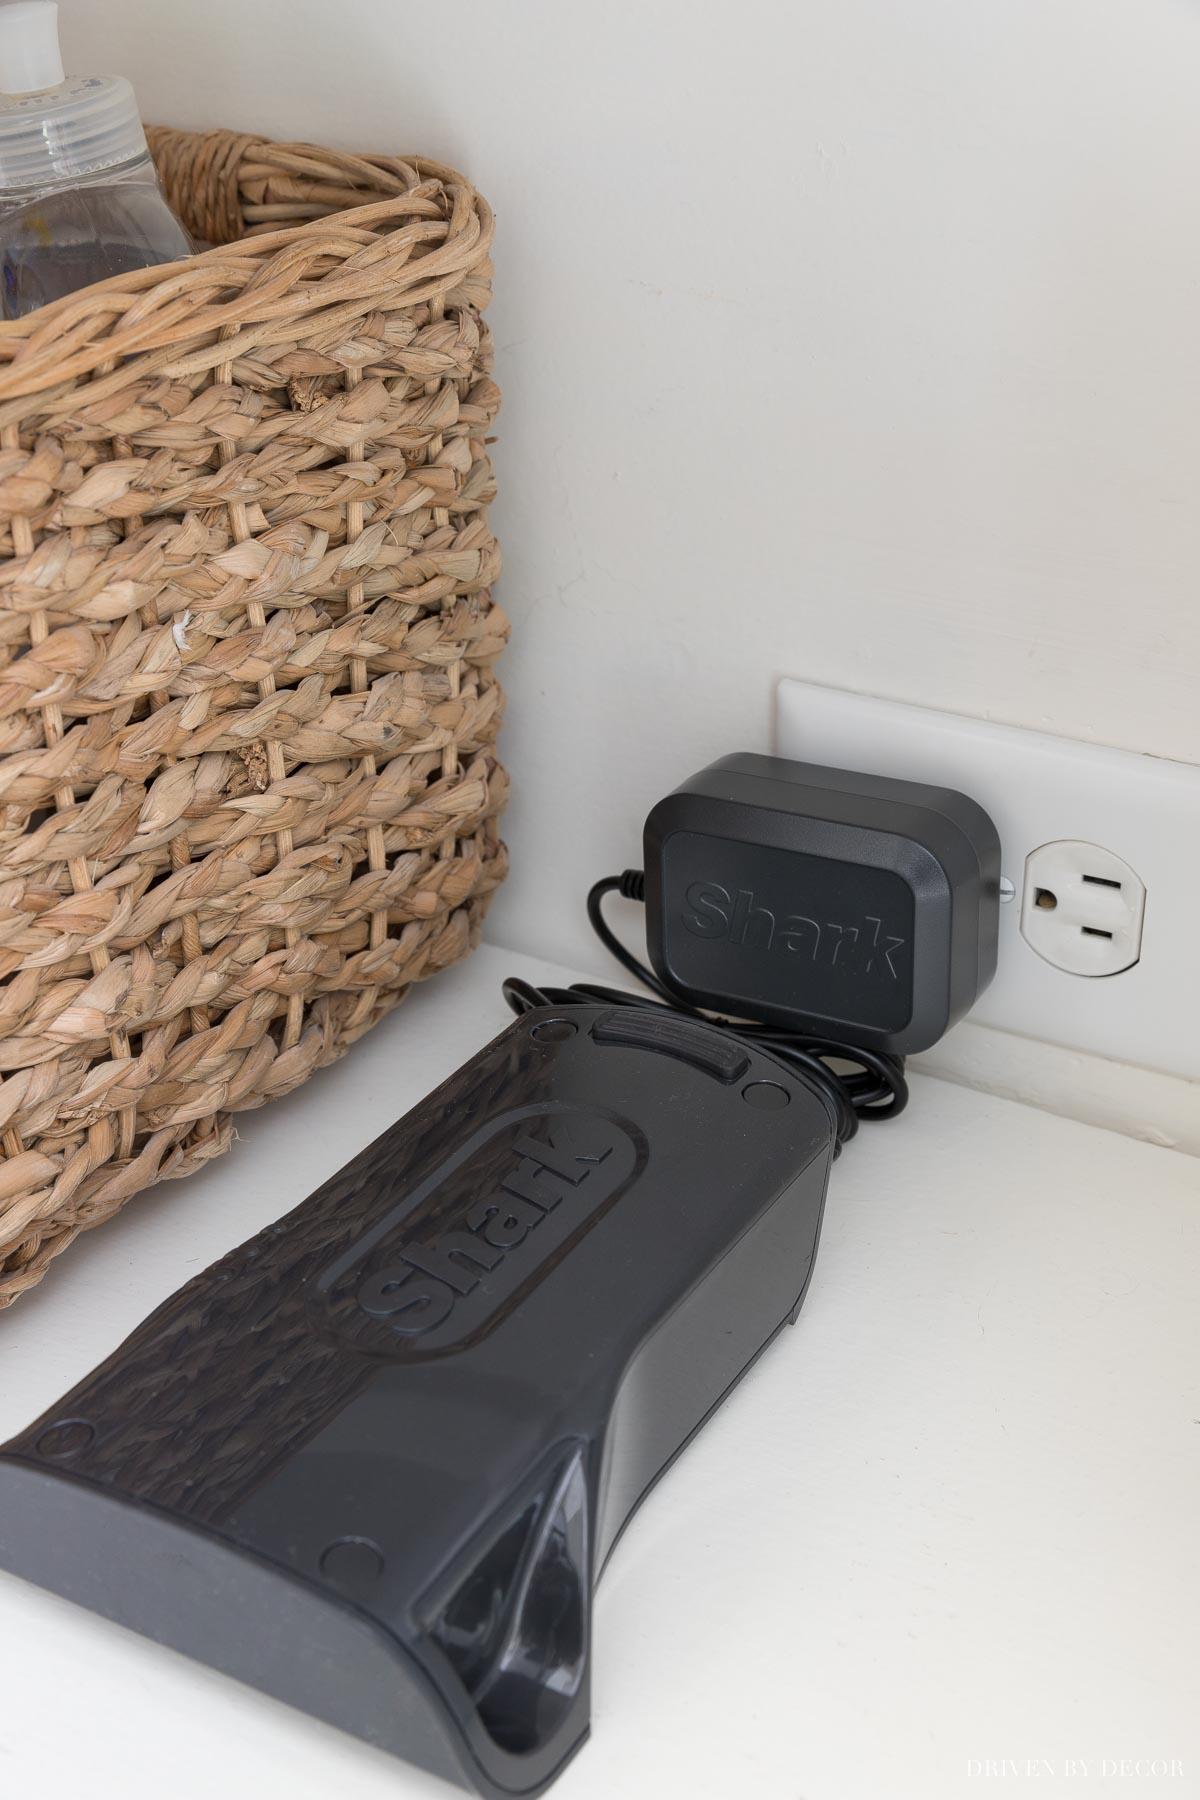 Shark cordless vacuum battery charging